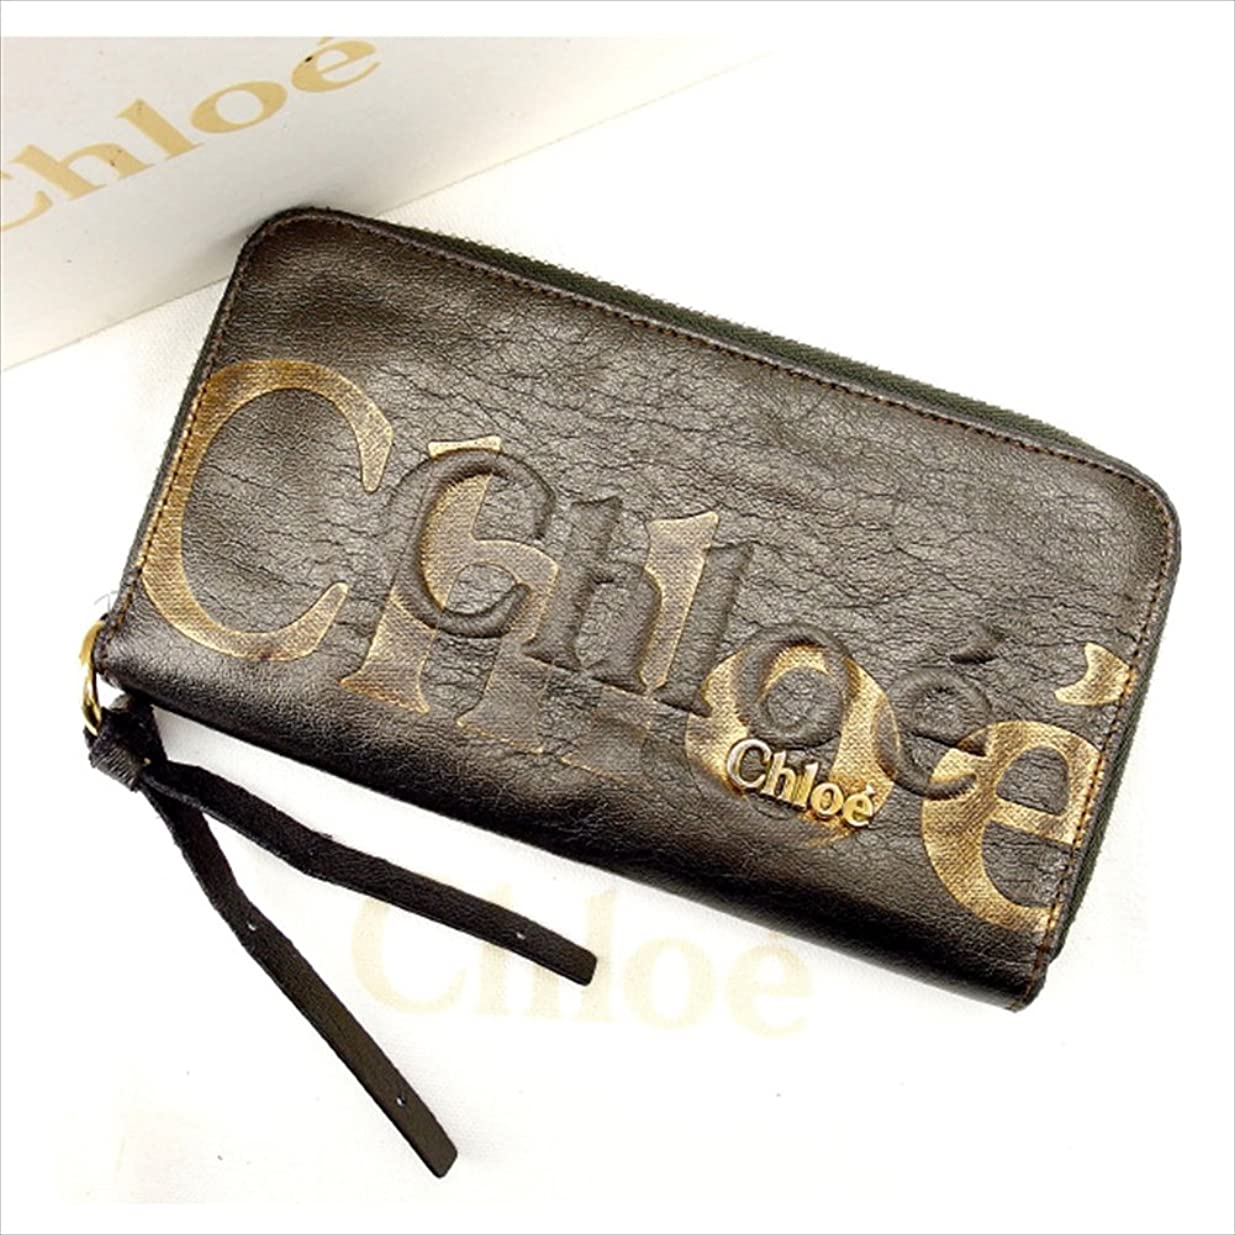 友だちほのかわずかなクロエ Chloe 長財布 ラウンドファスナー ユニセックス 中古 E594